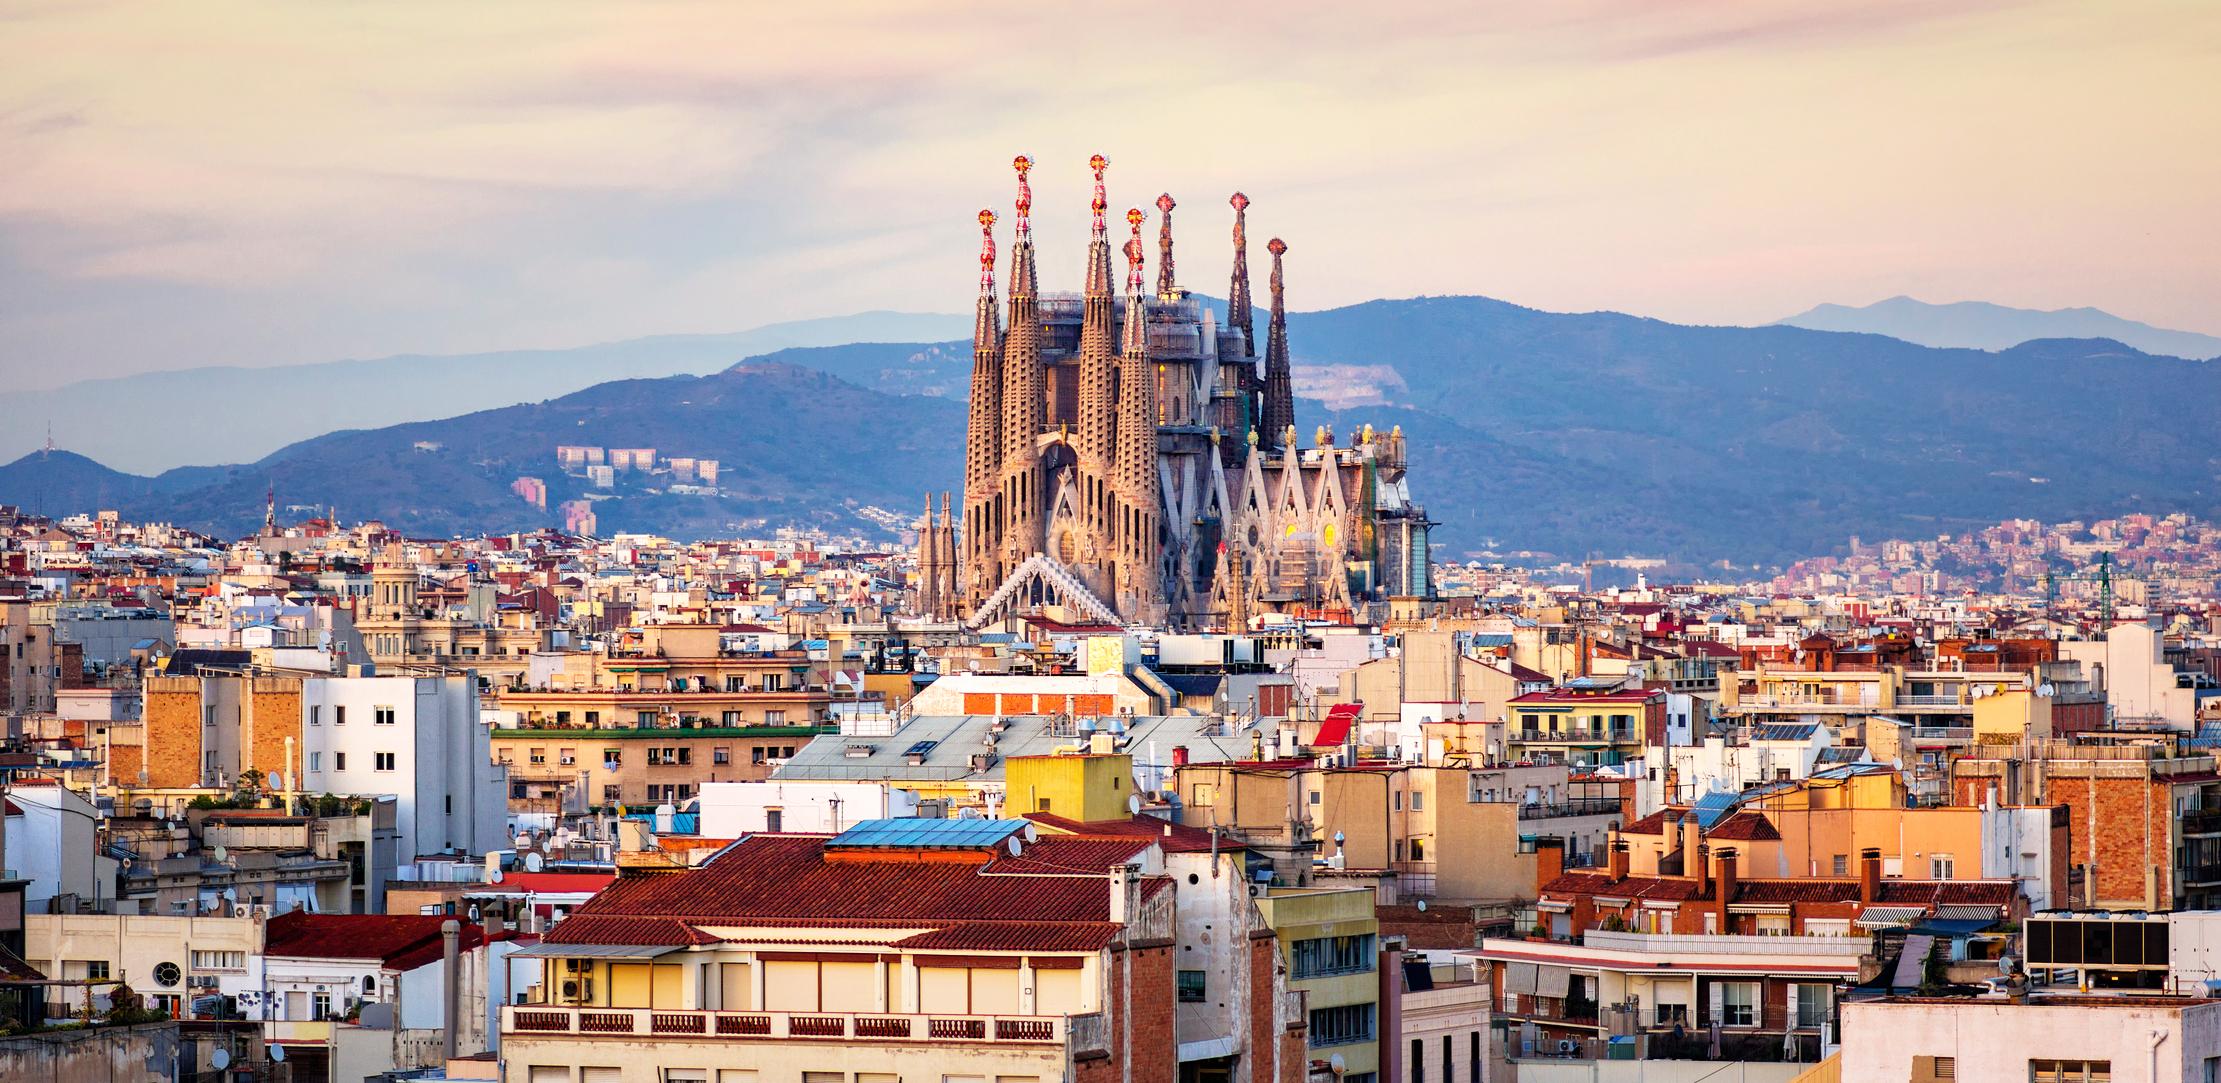 Loty do Barcelony z Warszawy na pierwszy tydzień grudnia